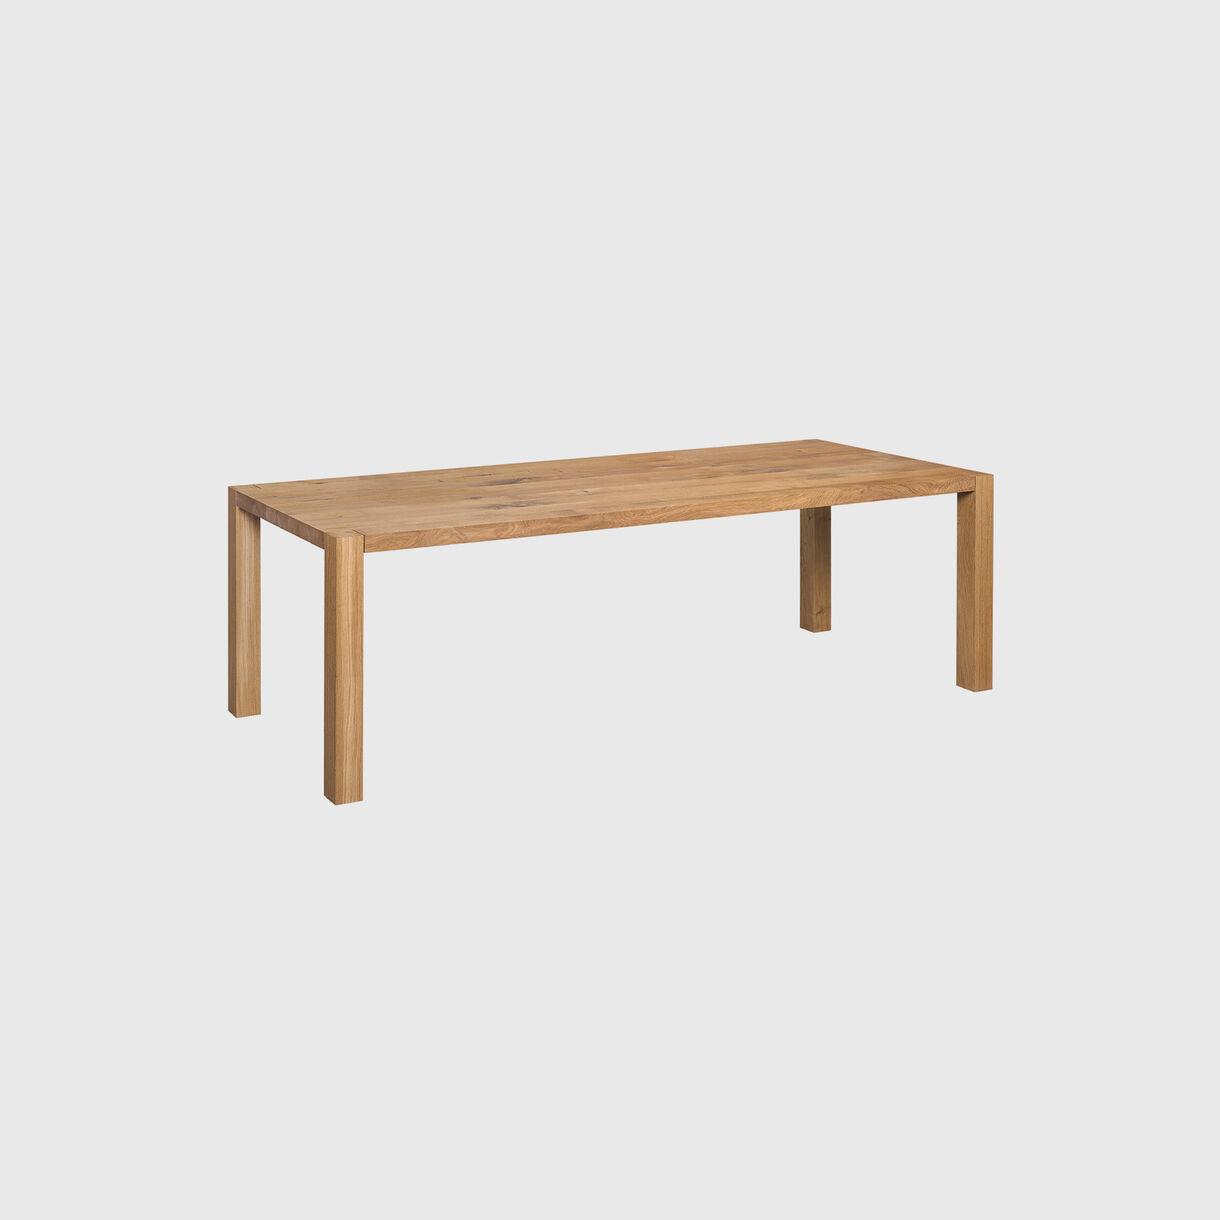 Holborn Table